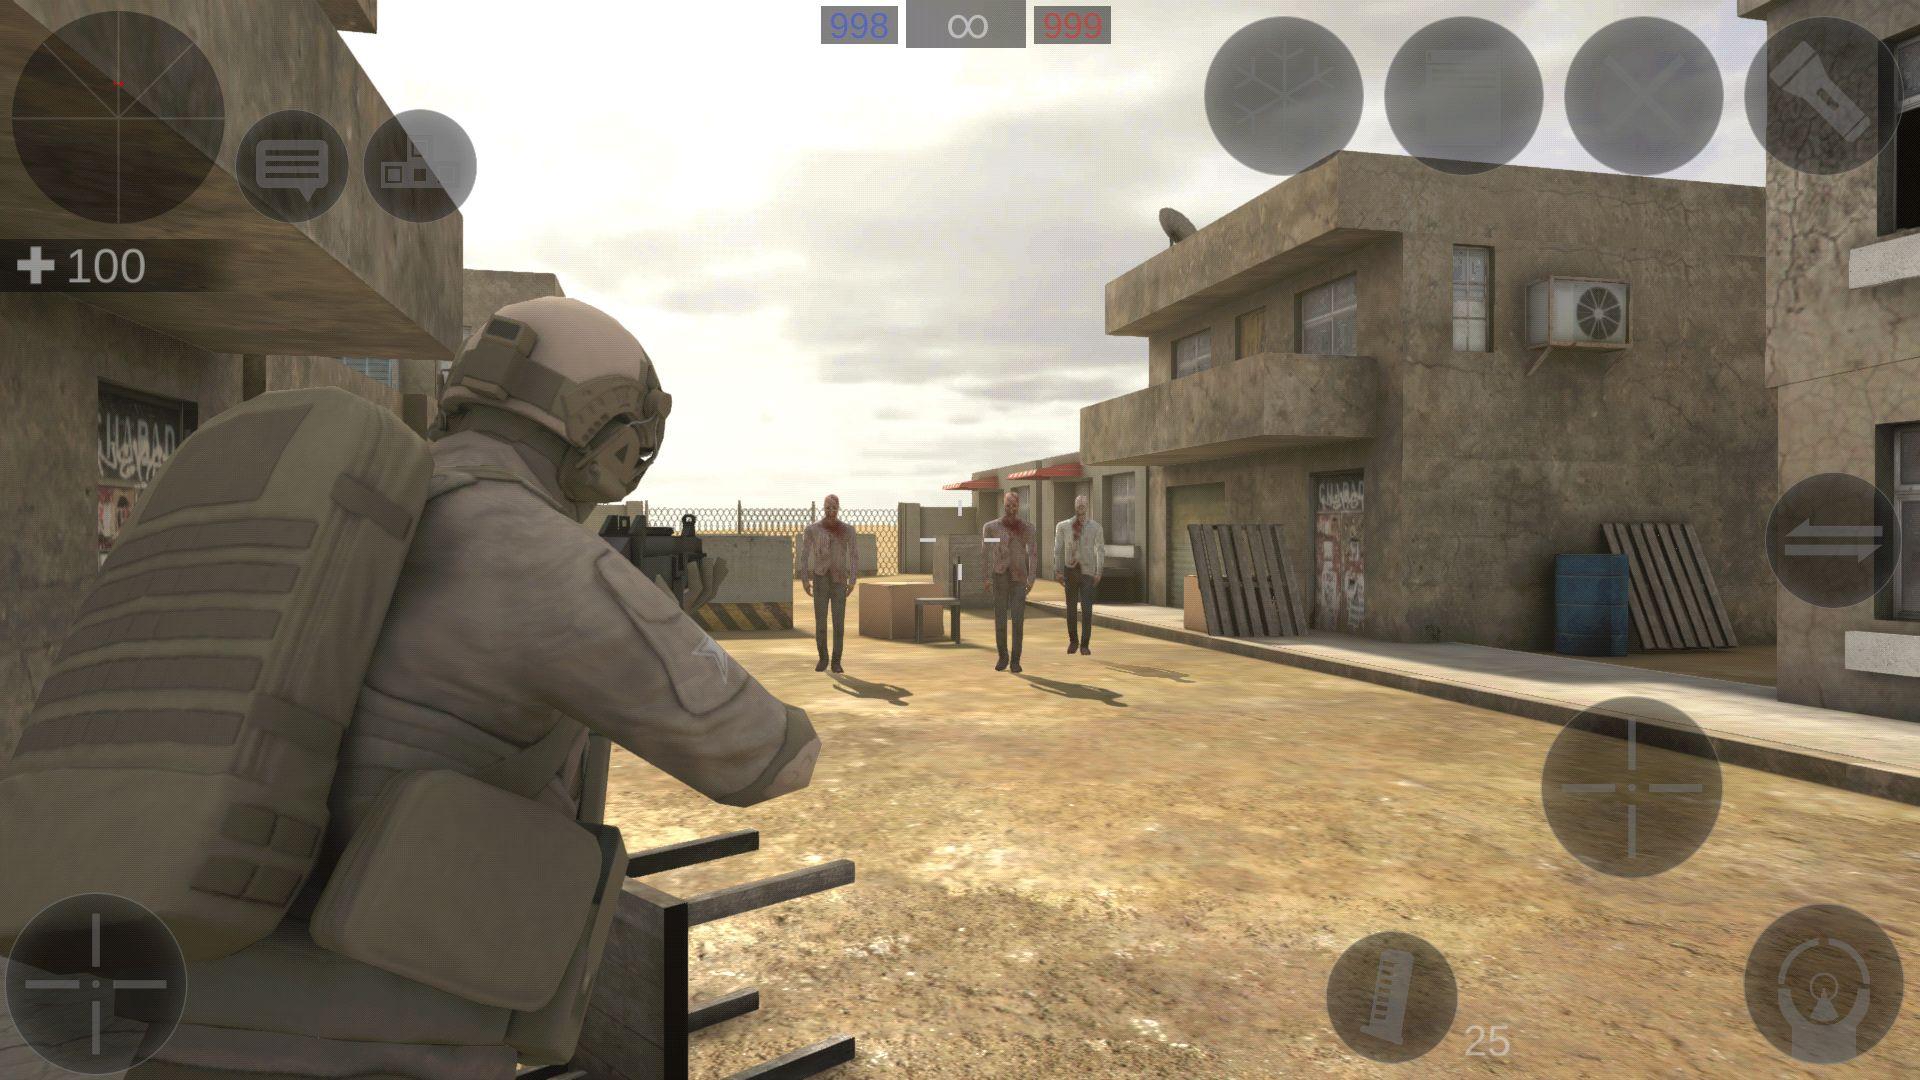 僵尸作战模拟 游戏截图5